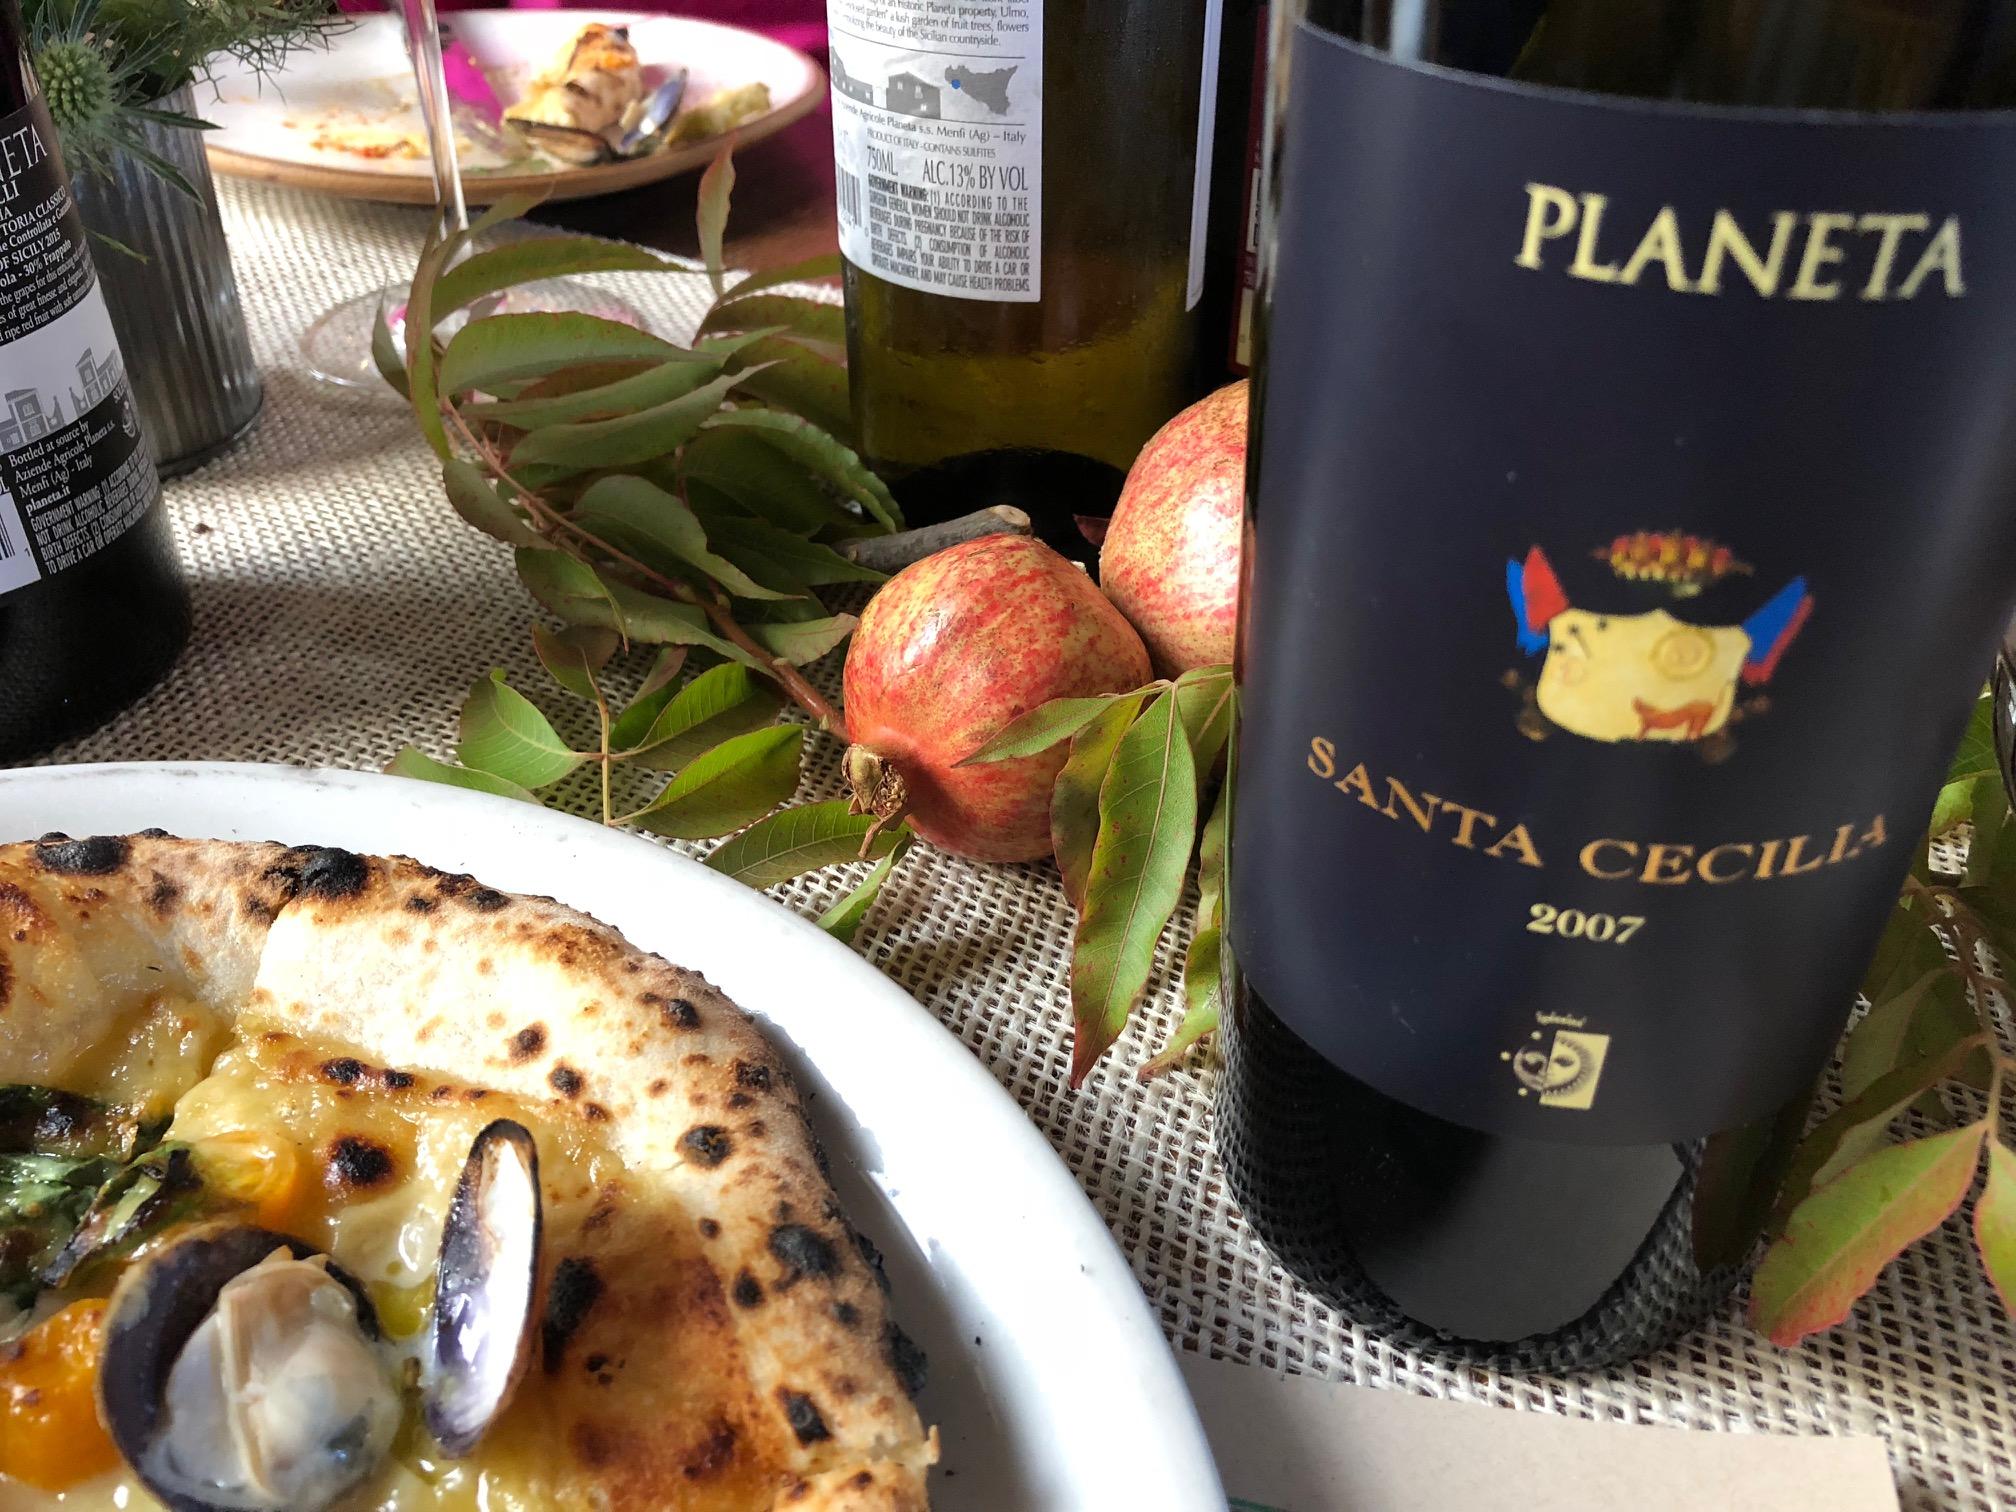 2007 Planeta Santa Cecilia Noto IGT